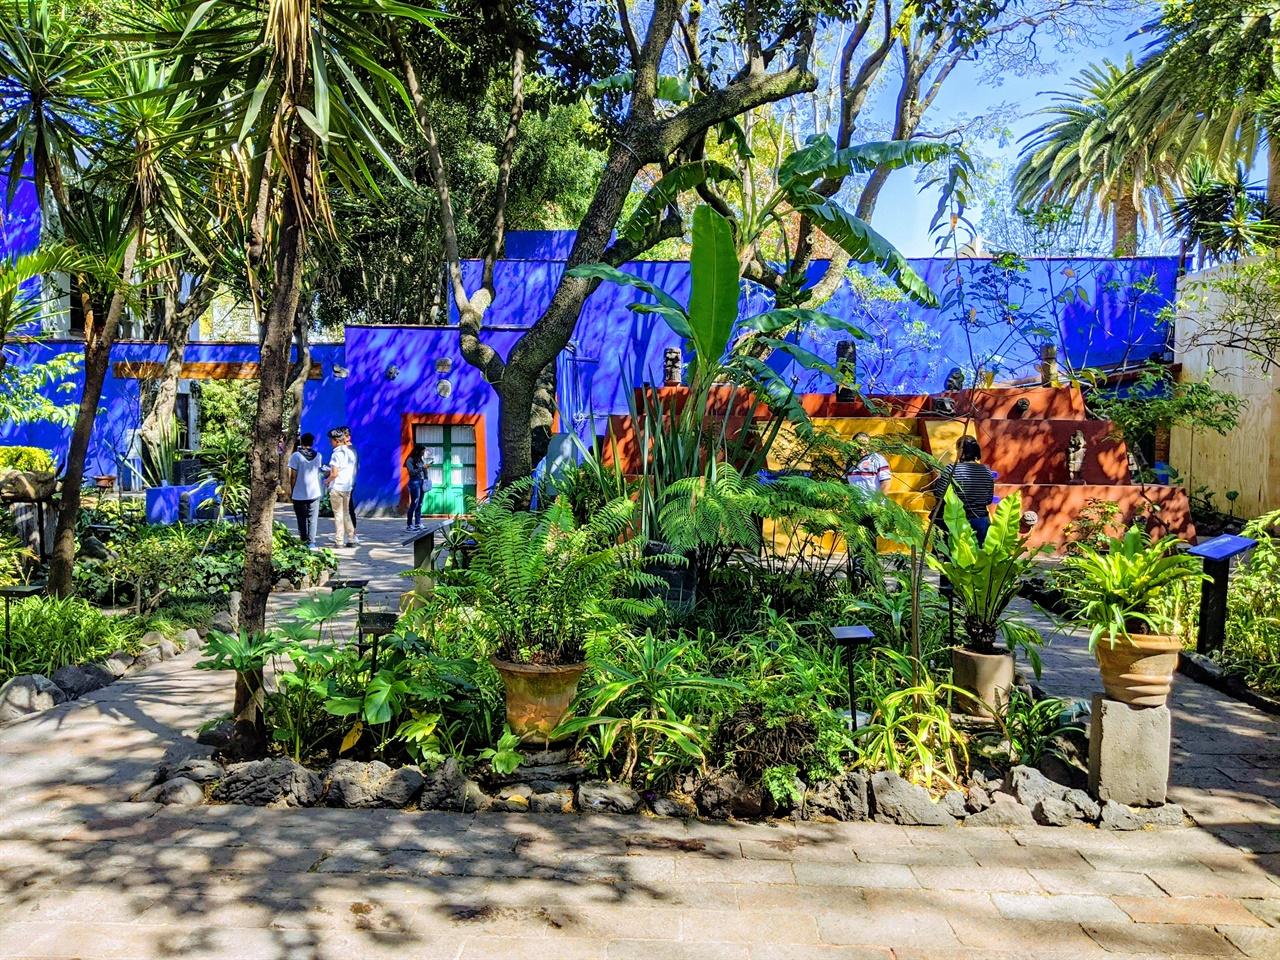 프리다 칼로 박물관 정원 프리다가 태어나고 자란 생가, 디에고와 이혼 후 돌아와 정원을 가꾸며 상처를 보듬었으며 1940년 디에고와 재결합한 후 함께 생활한 공간이다.